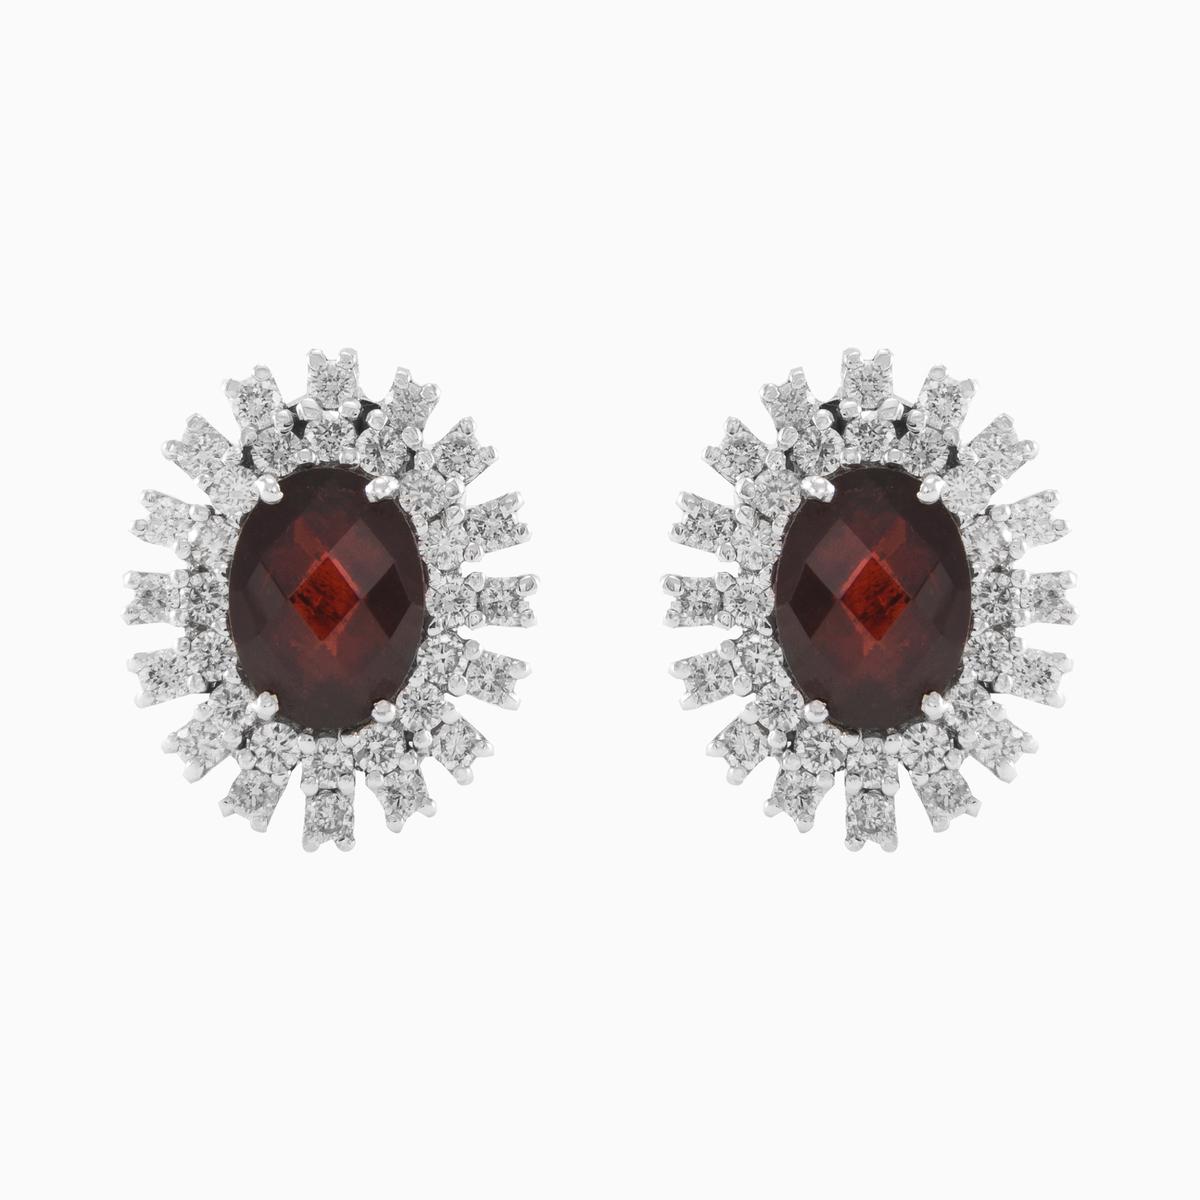 Klasické a elegantní diamantové náušnice s granáty vyrobený z 18 kt ... 30db04aa837